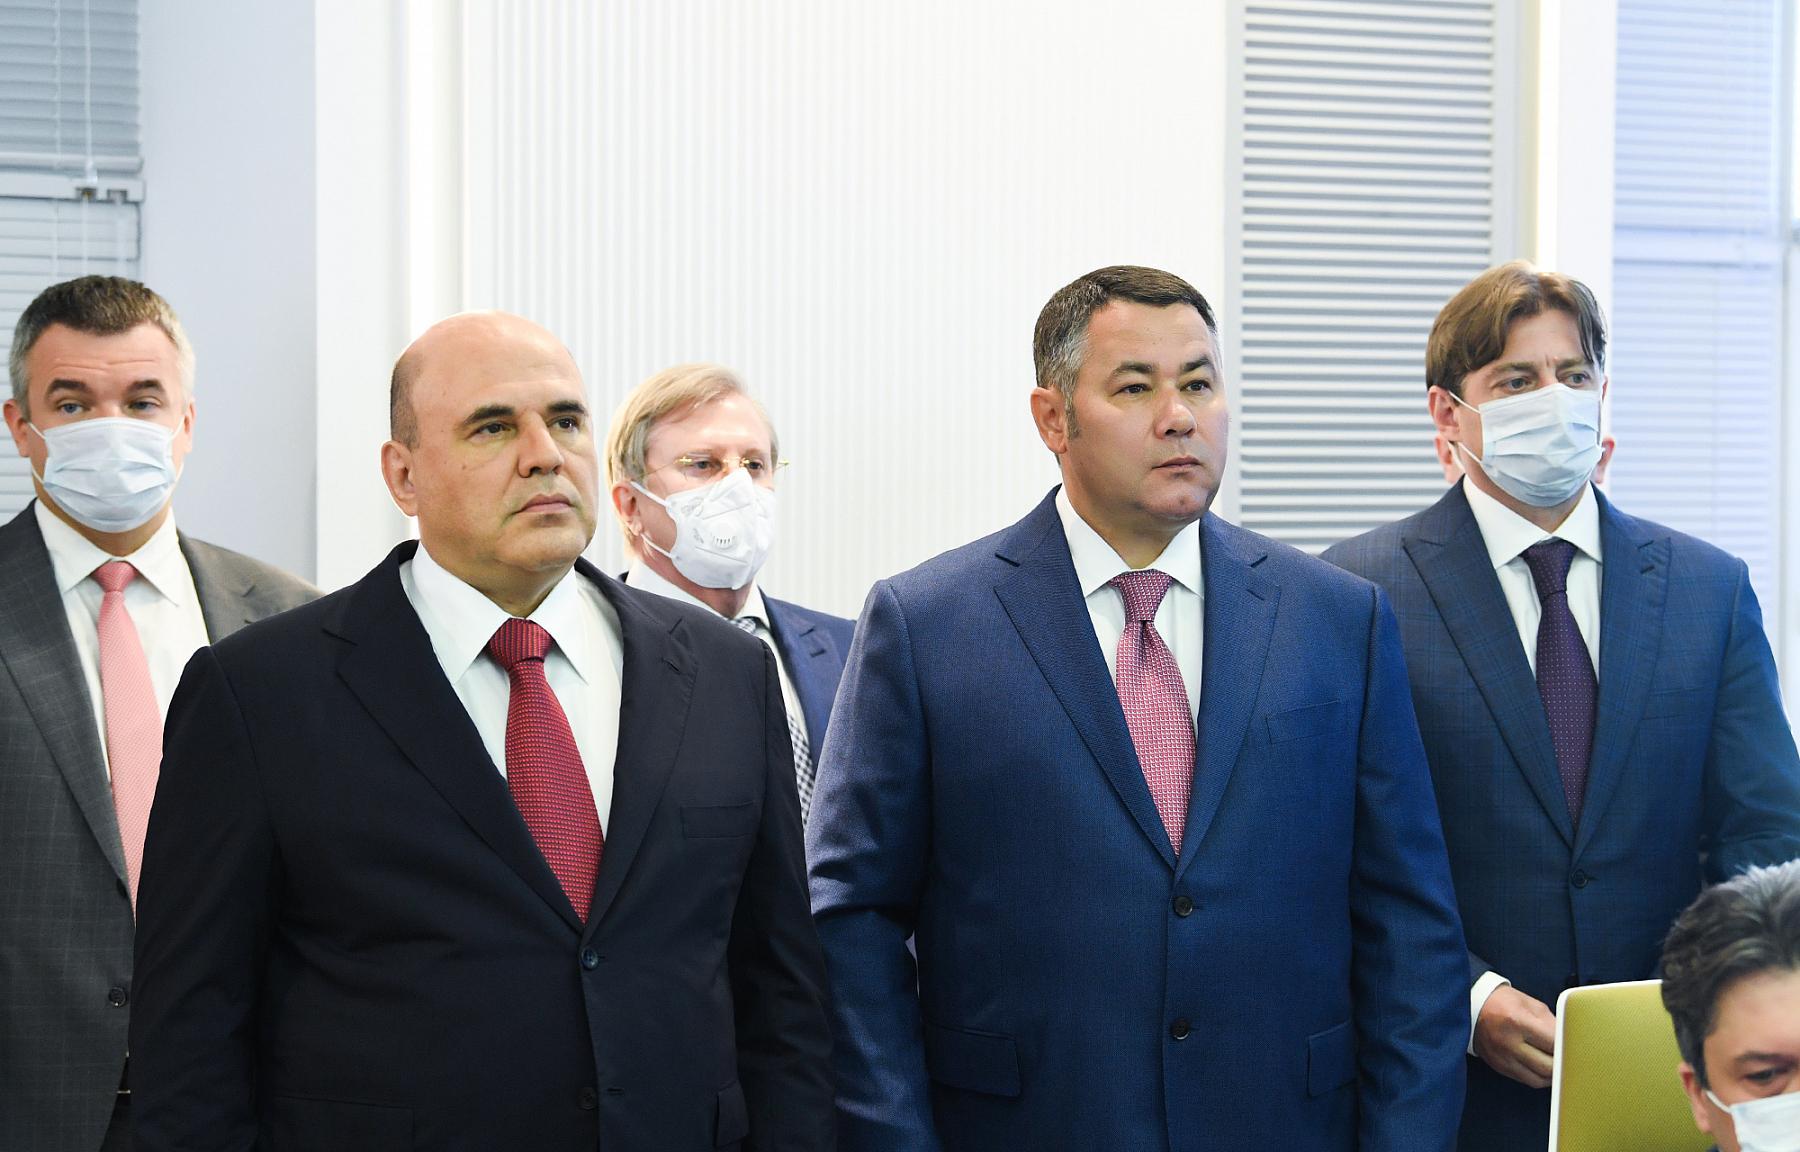 На Тверском вагонзаводе Михаилу Мишустину и Игорю Рудене представили новейшие разработки